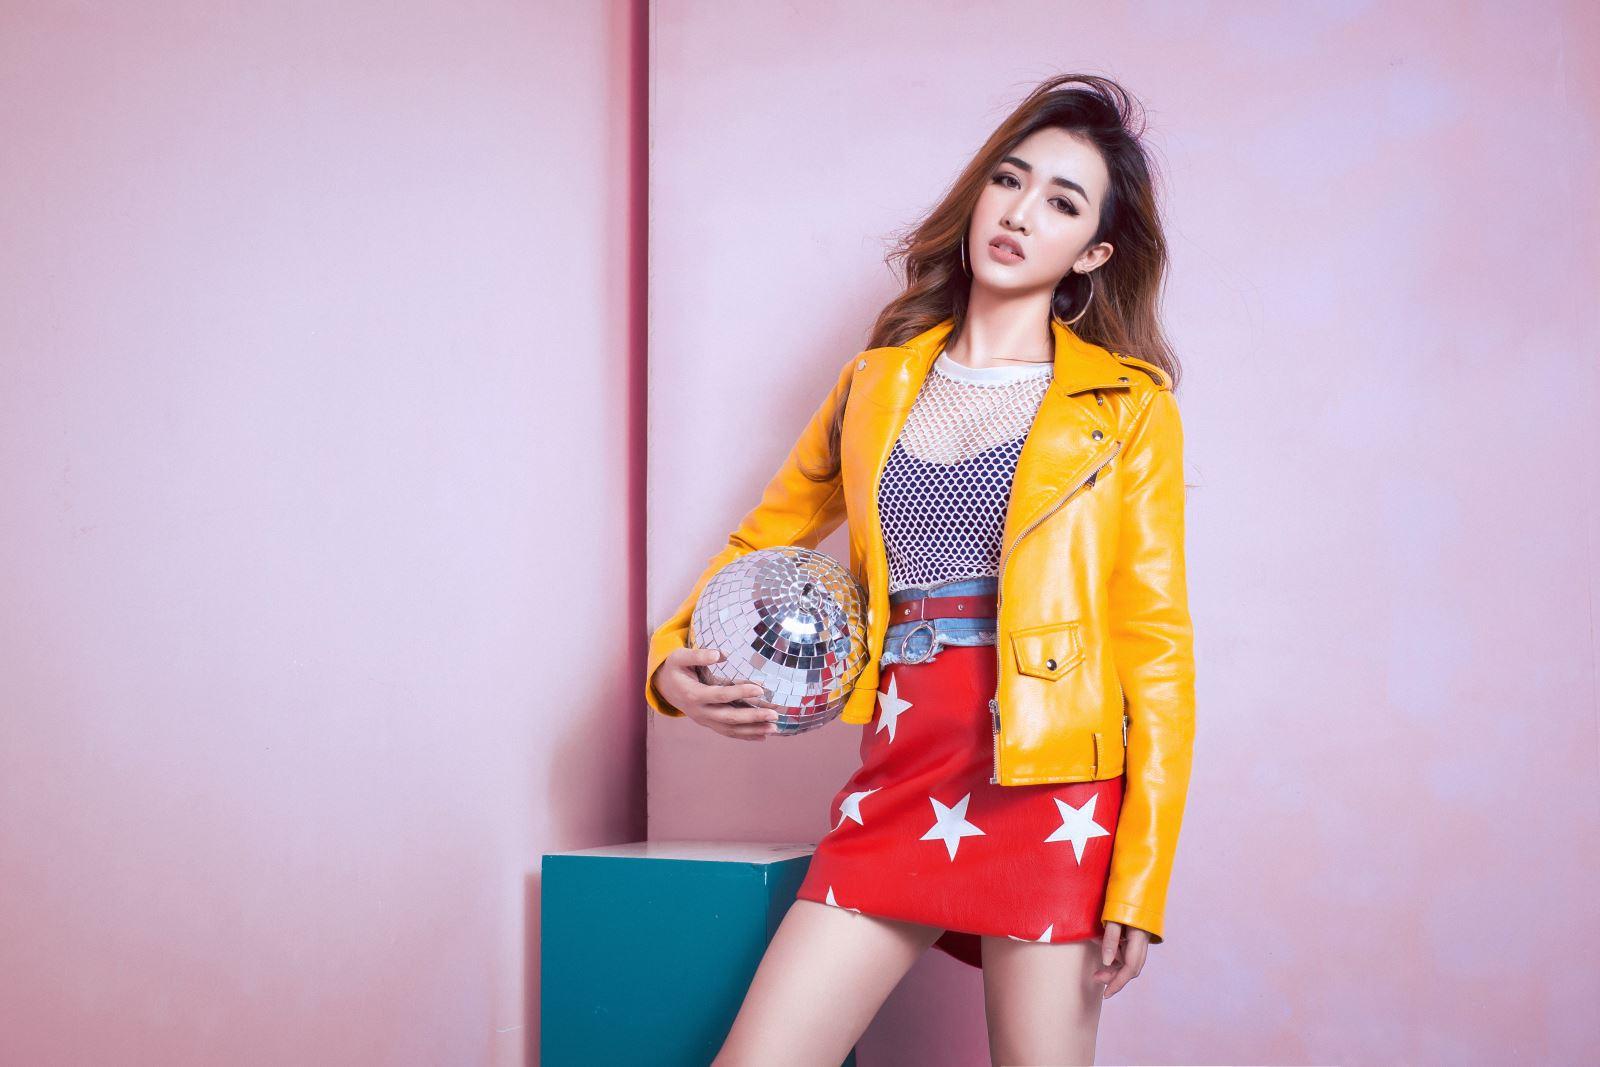 MỚI: DJ Trang Moon đến xứ Hàn trình diễn ở Lễ hội nhạc điện tử lớn nhất thế giới